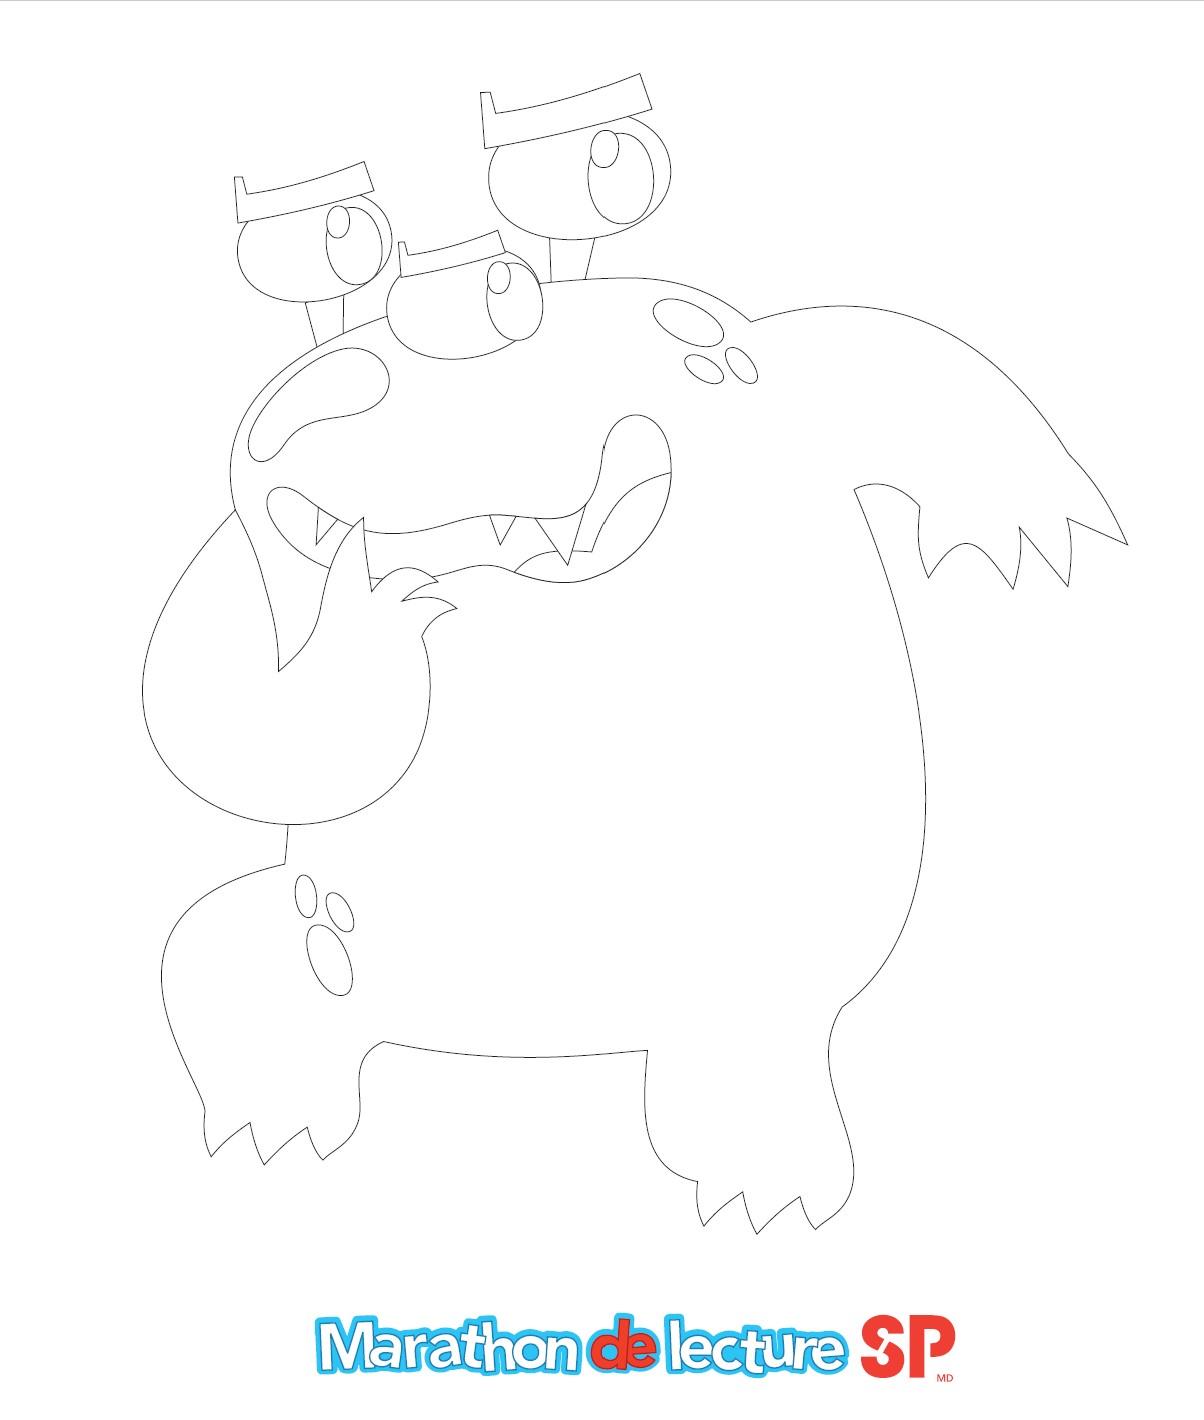 Boris - Image à colorier